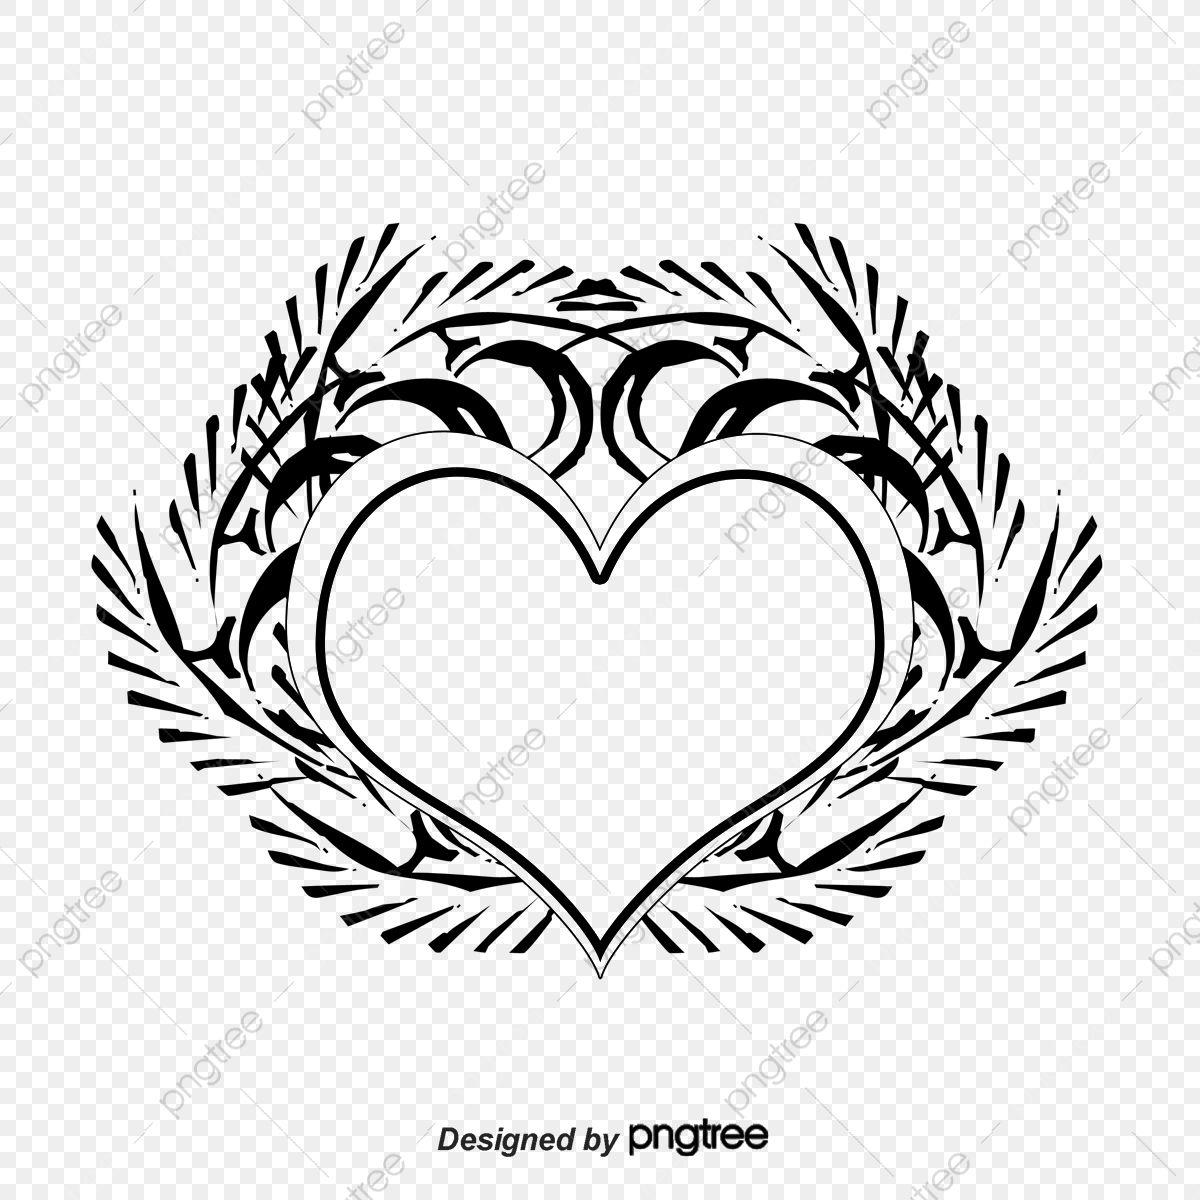 الوشم القلب الوشم شكل قلب أسود Png وملف Psd للتحميل مجانا Heart Tattoo Tattoos Art